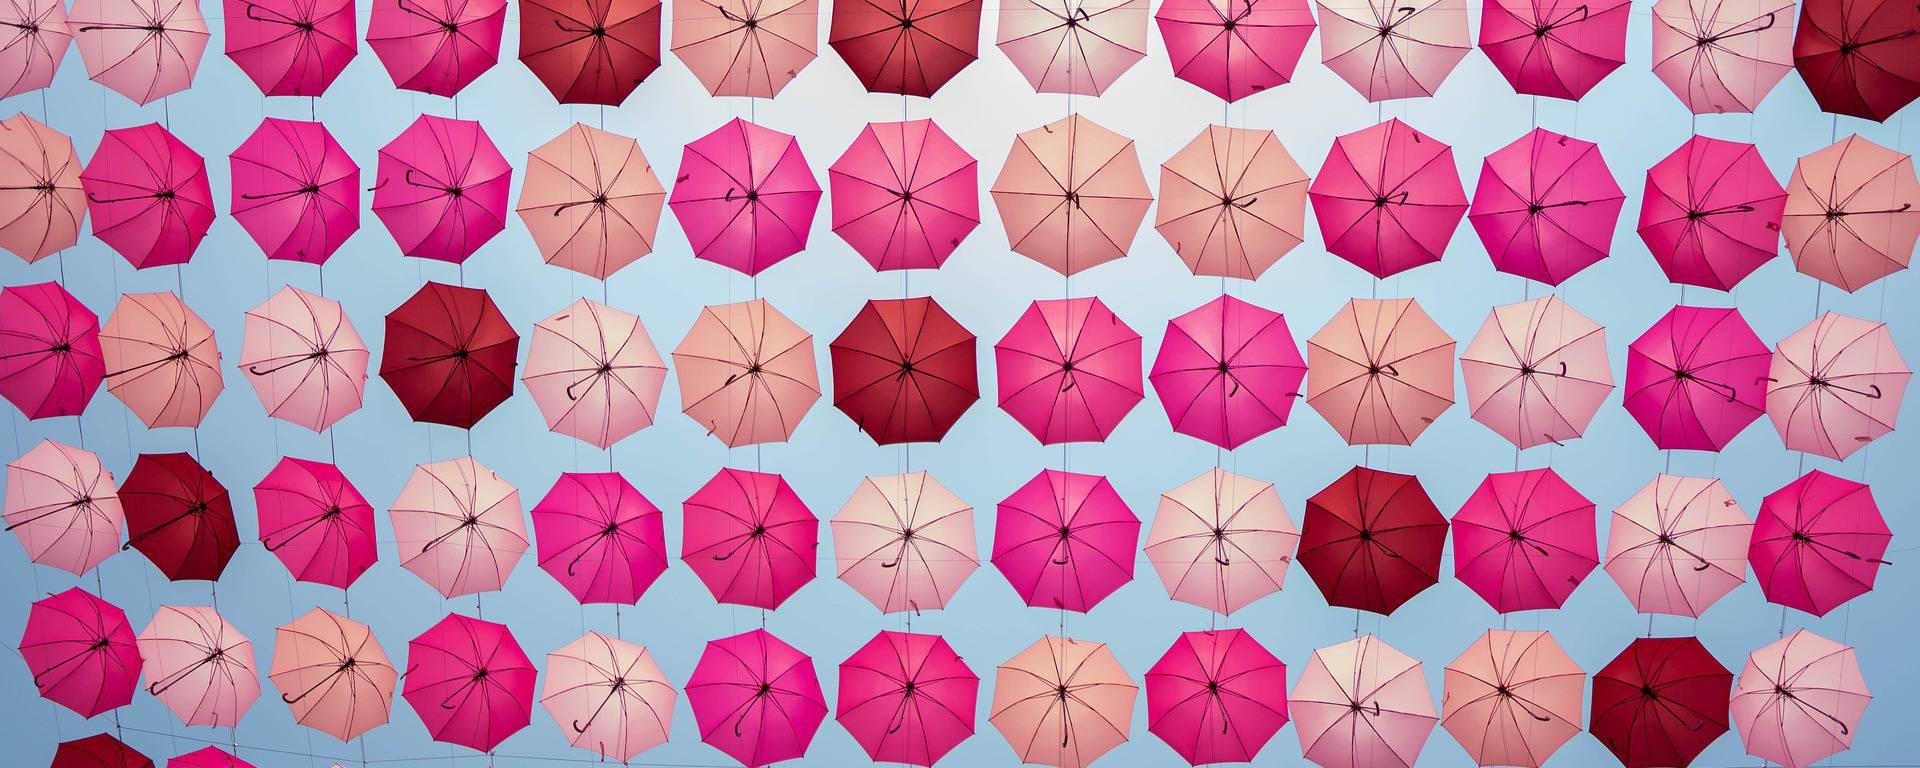 Ciel de parapluies Octobre Rose à La Roche-Posay